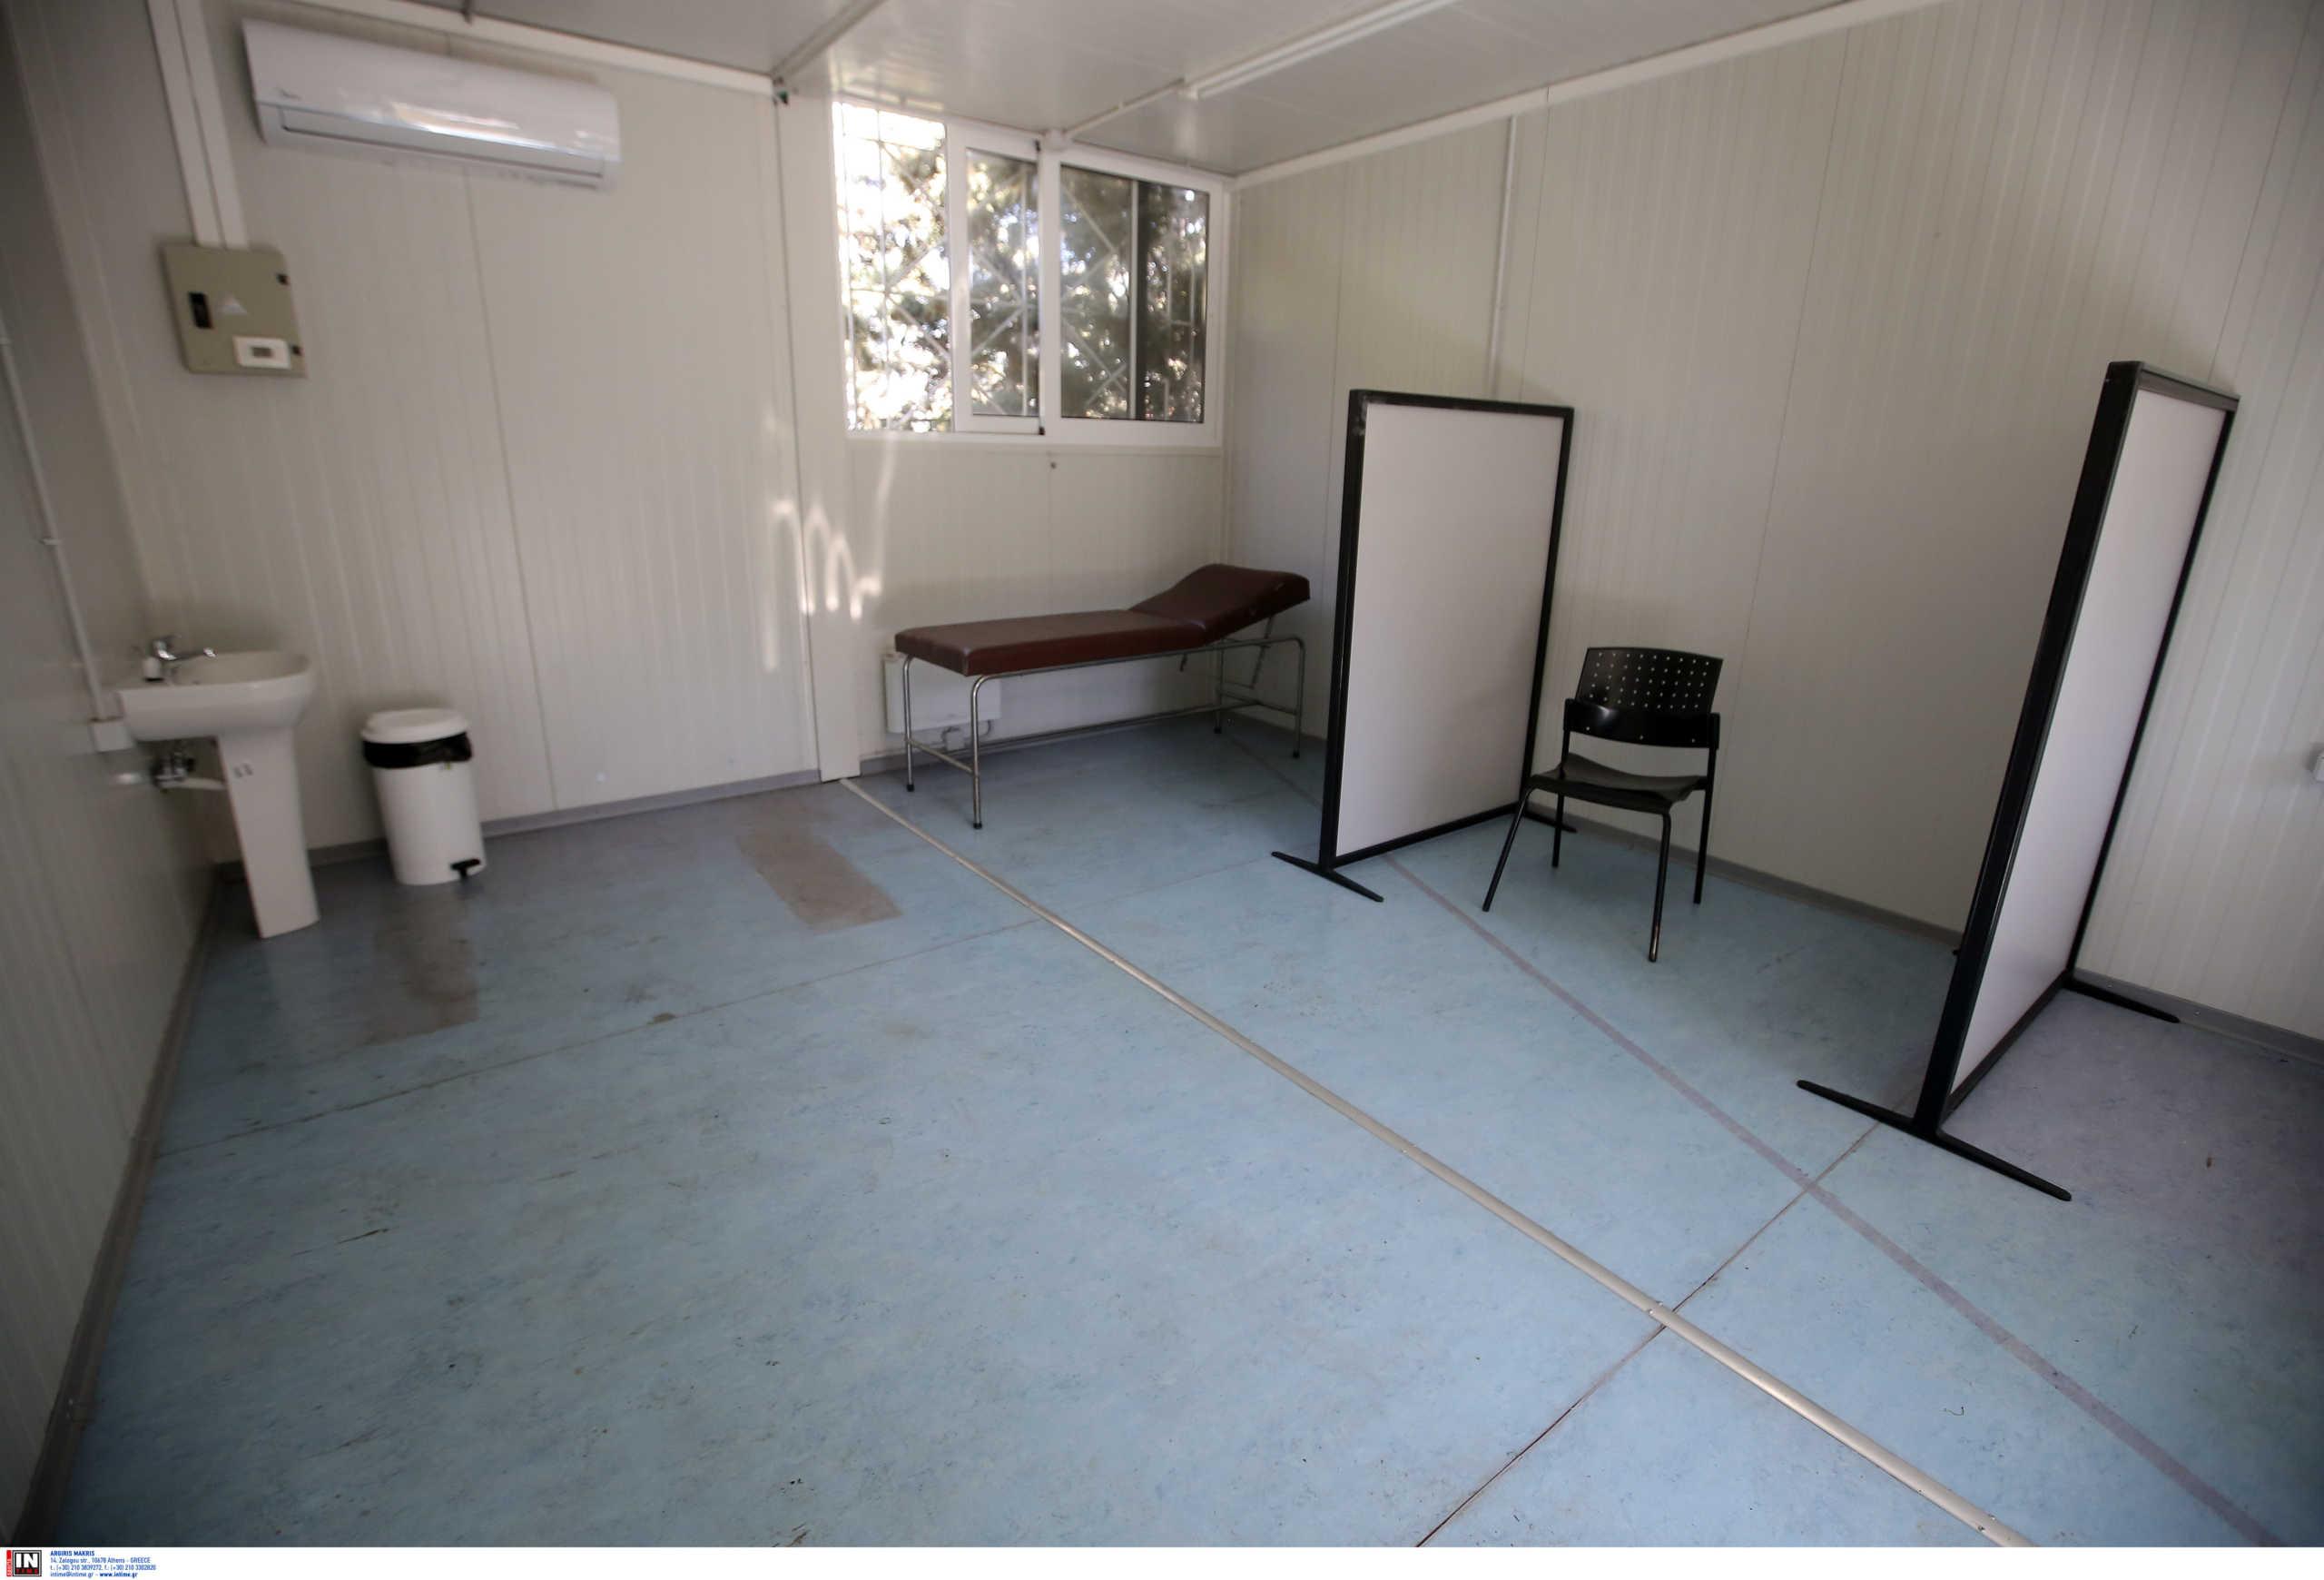 Πτολεμαΐδα : Δημοτικό ιατρείο από εθελοντές ιατρούς για να αποσυμφορηστεί το Μποδοσάκειο Νοσοκομείο